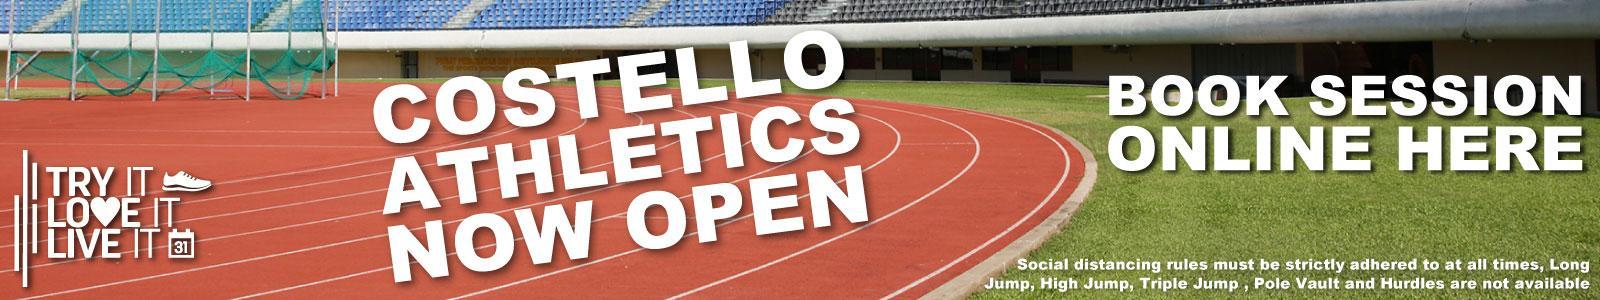 Costello Athletics Now Open